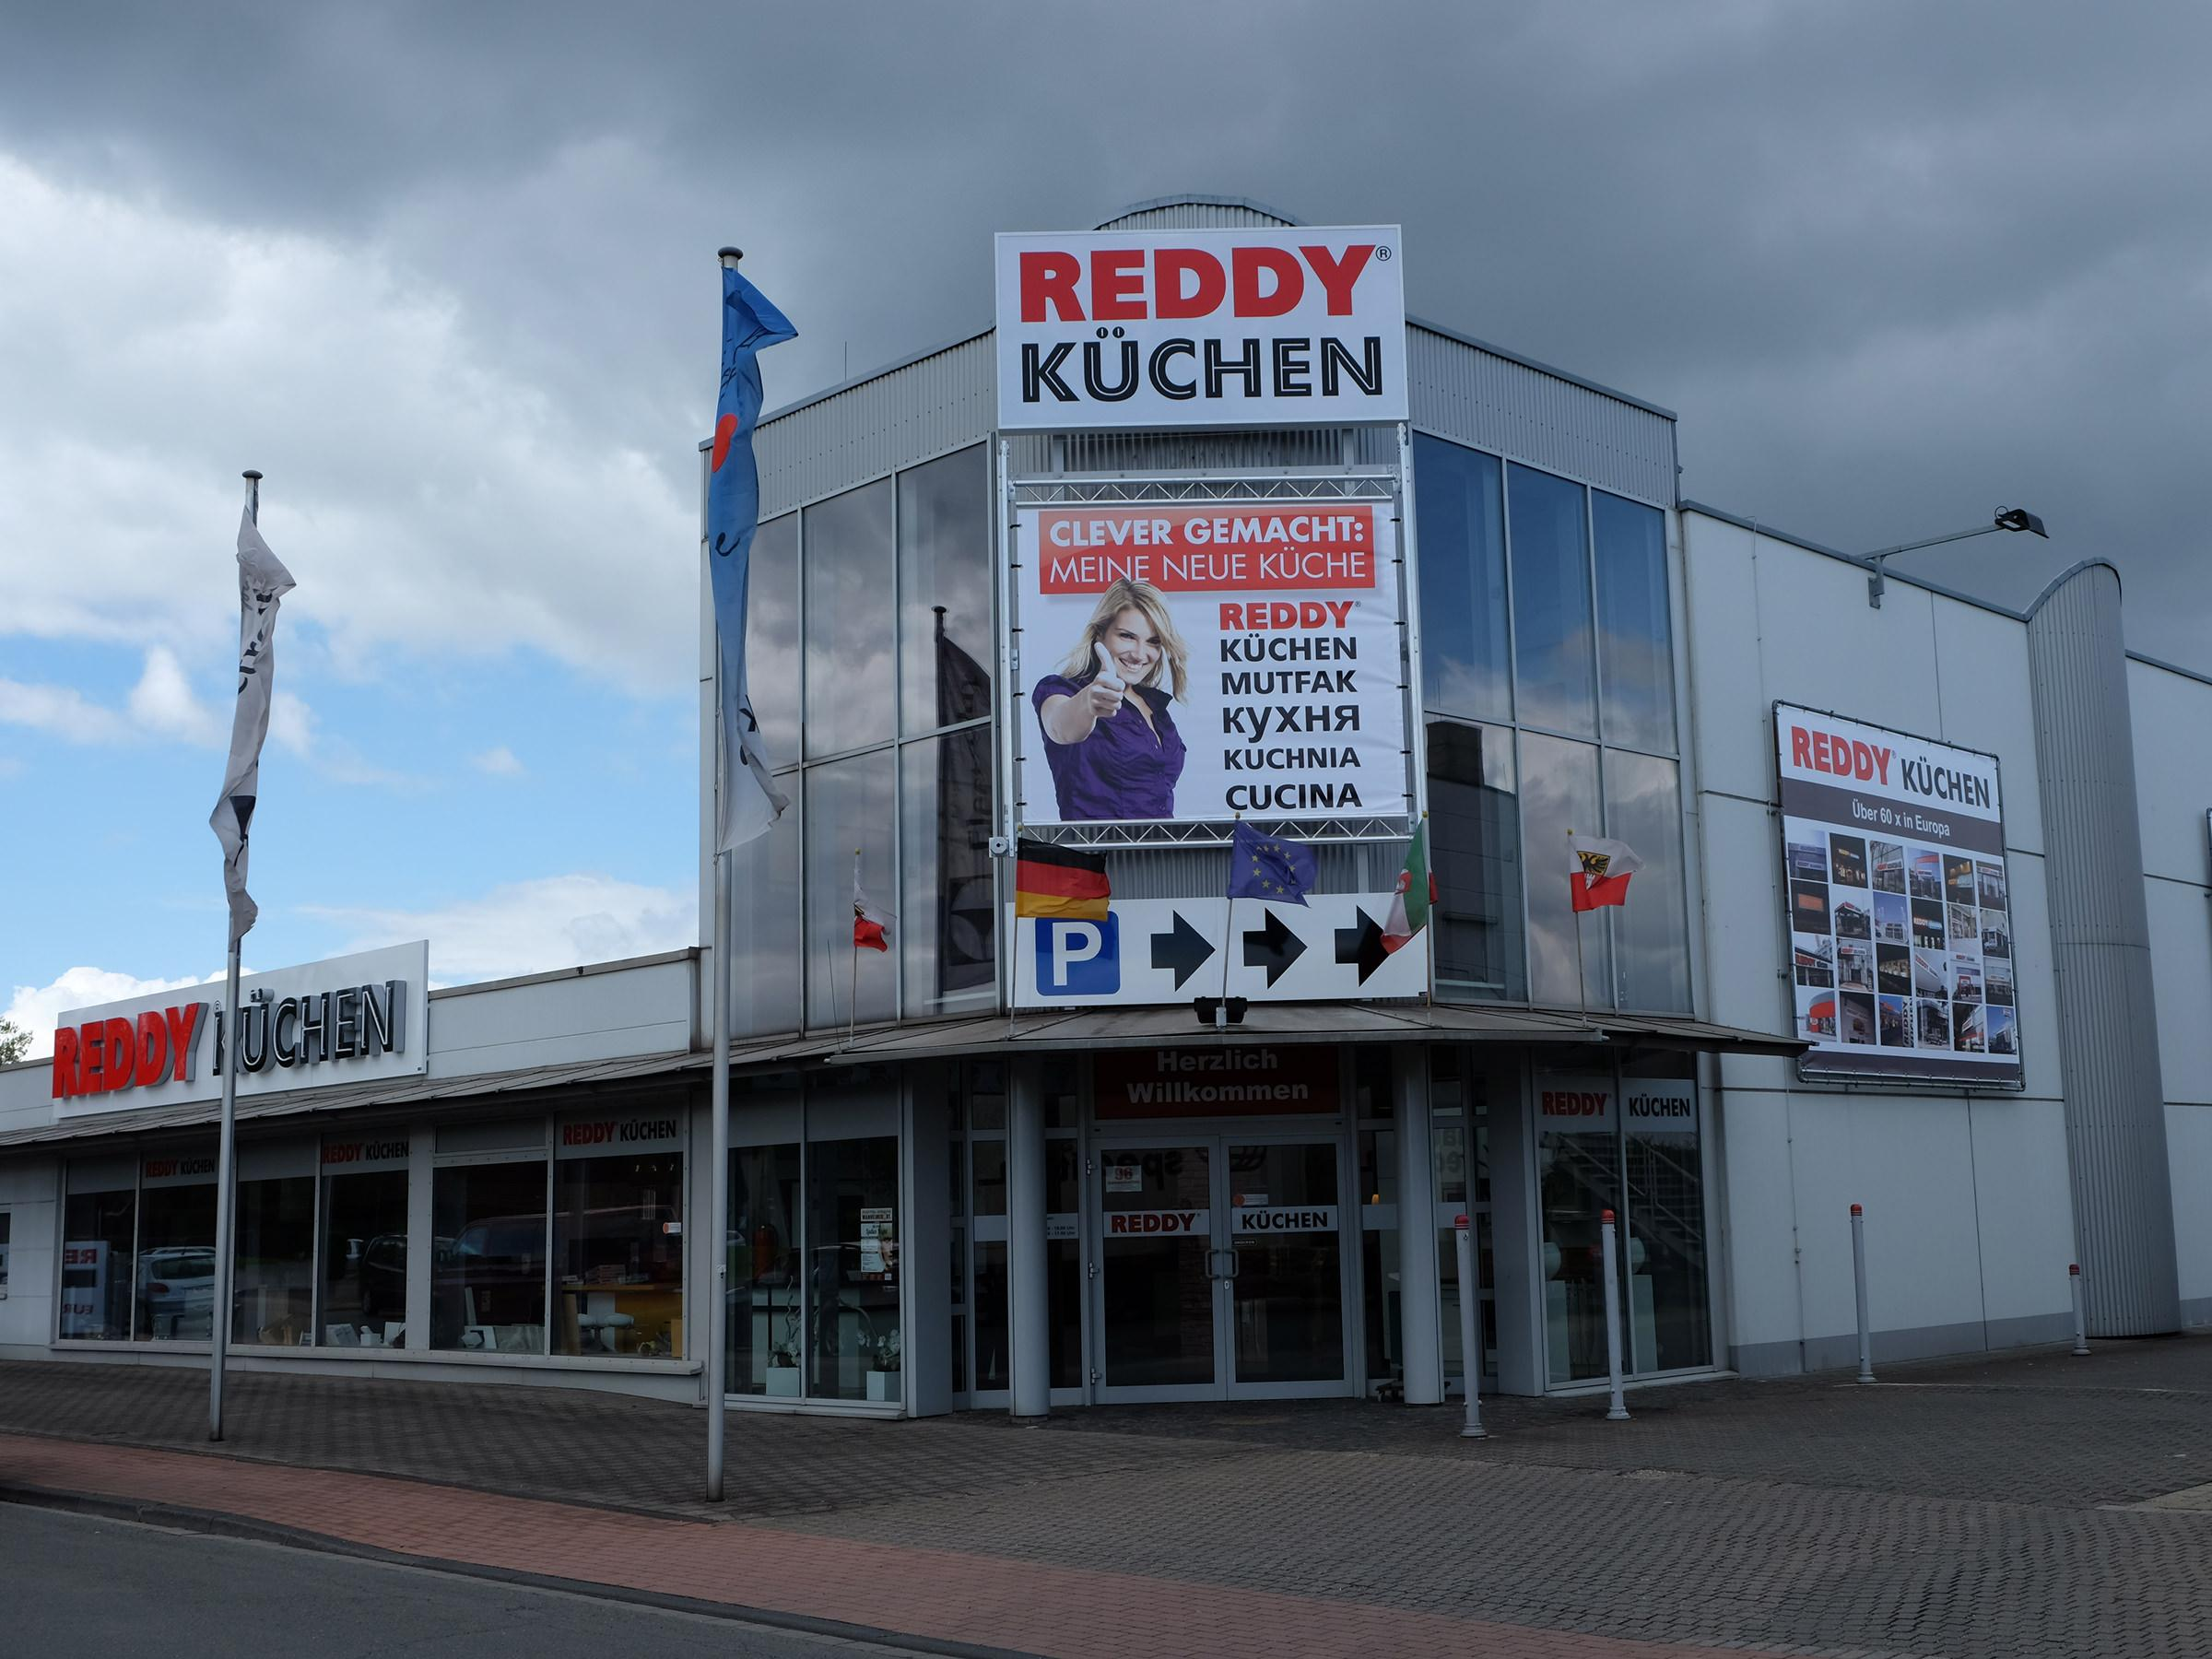 reddy küchen duisburg: tolle küchen & top-service - Küche Reddy